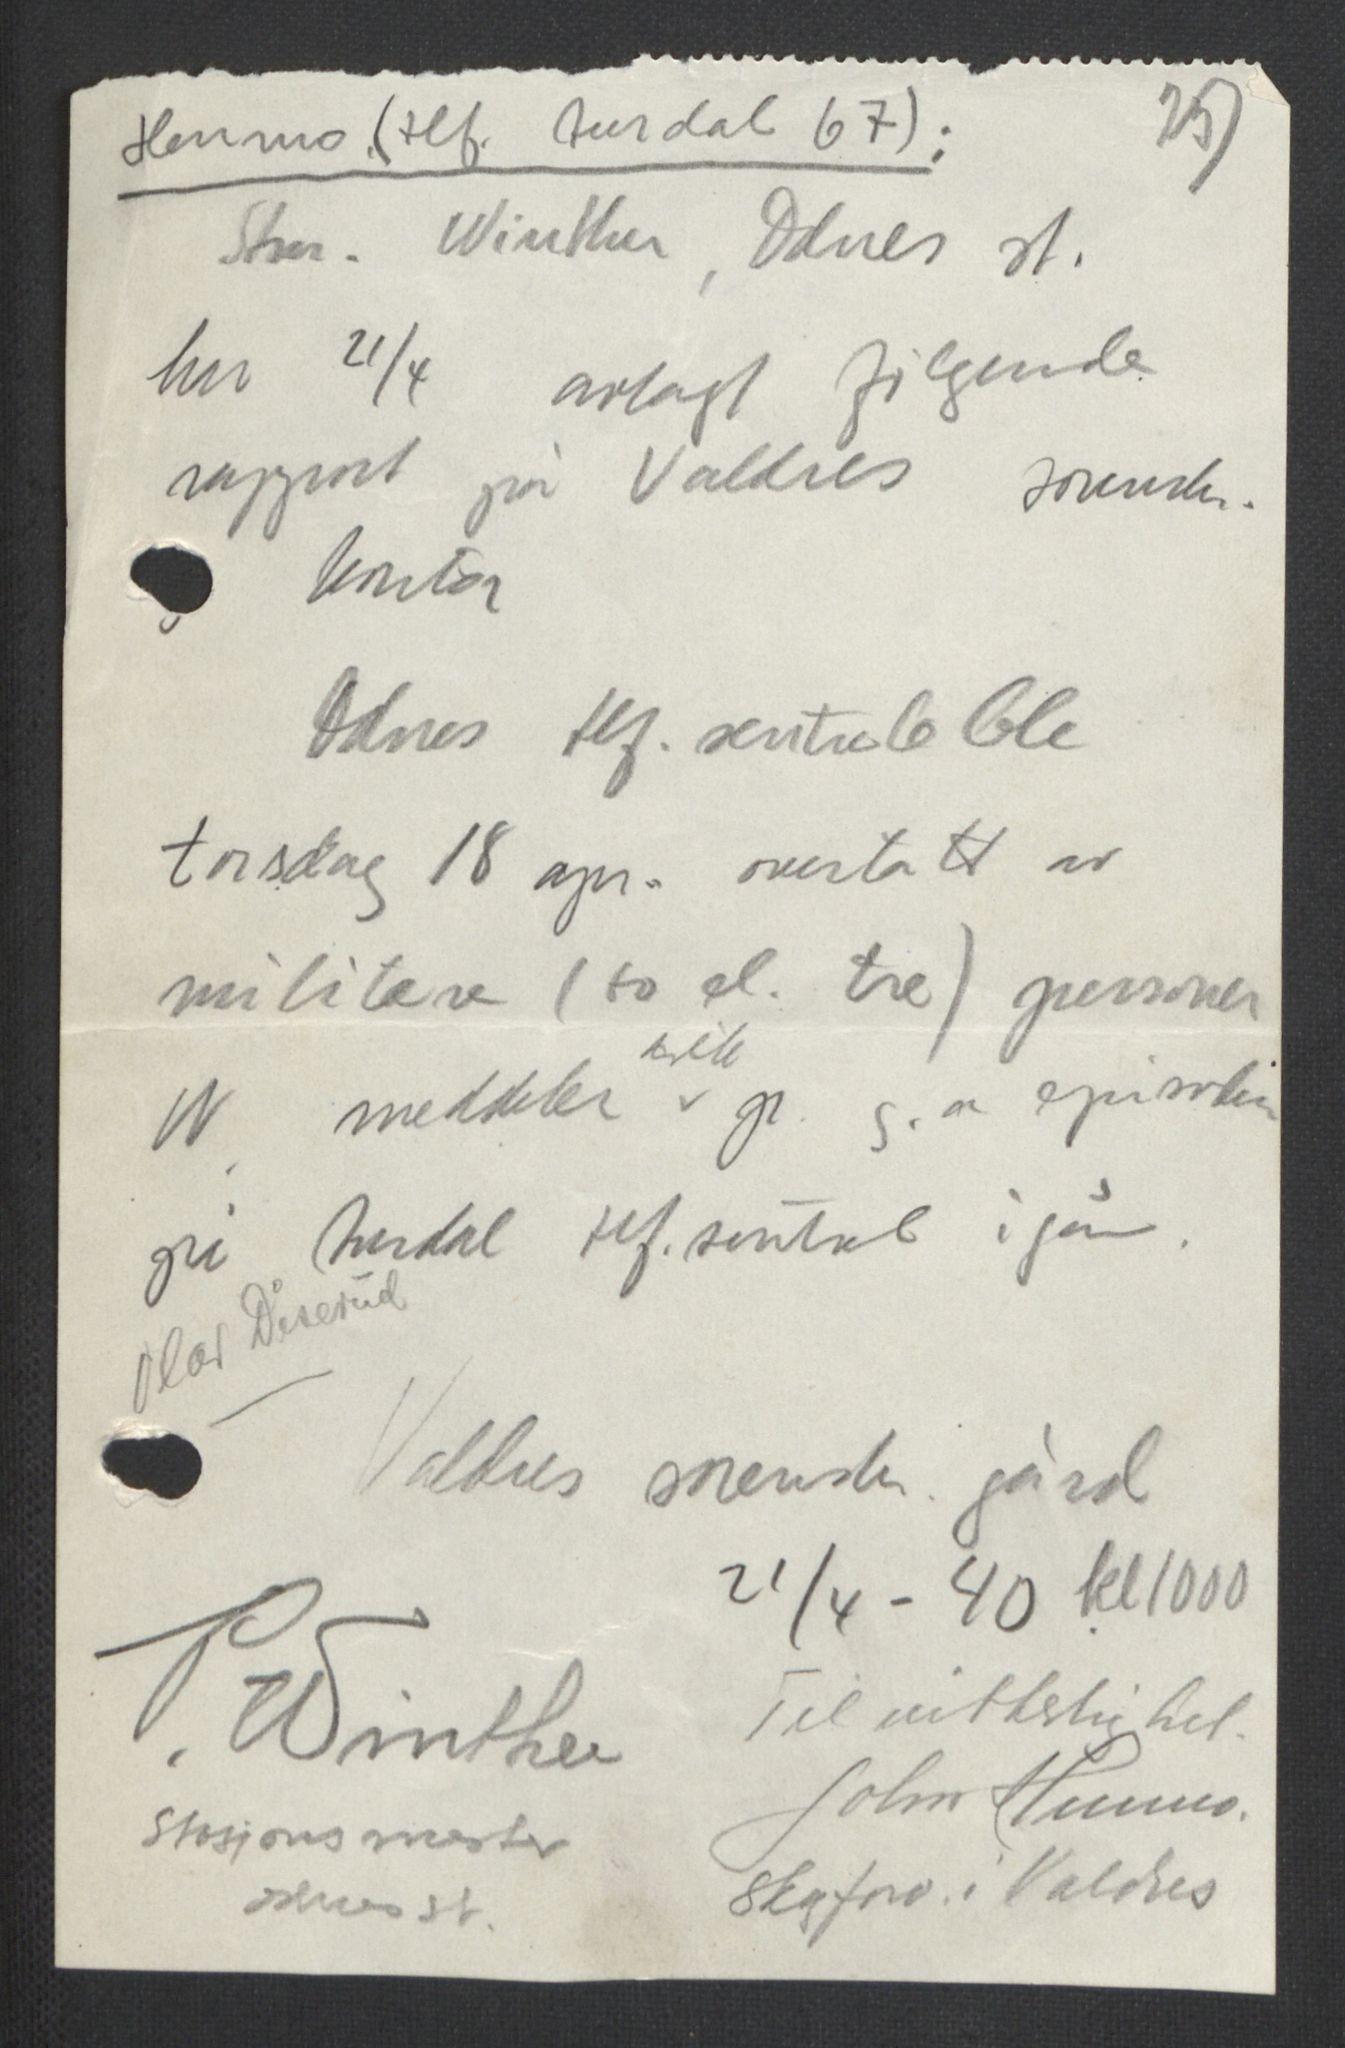 RA, Forsvaret, Forsvarets krigshistoriske avdeling, Y/Yb/L0104: II-C-11-430  -  4. Divisjon., 1940, s. 282